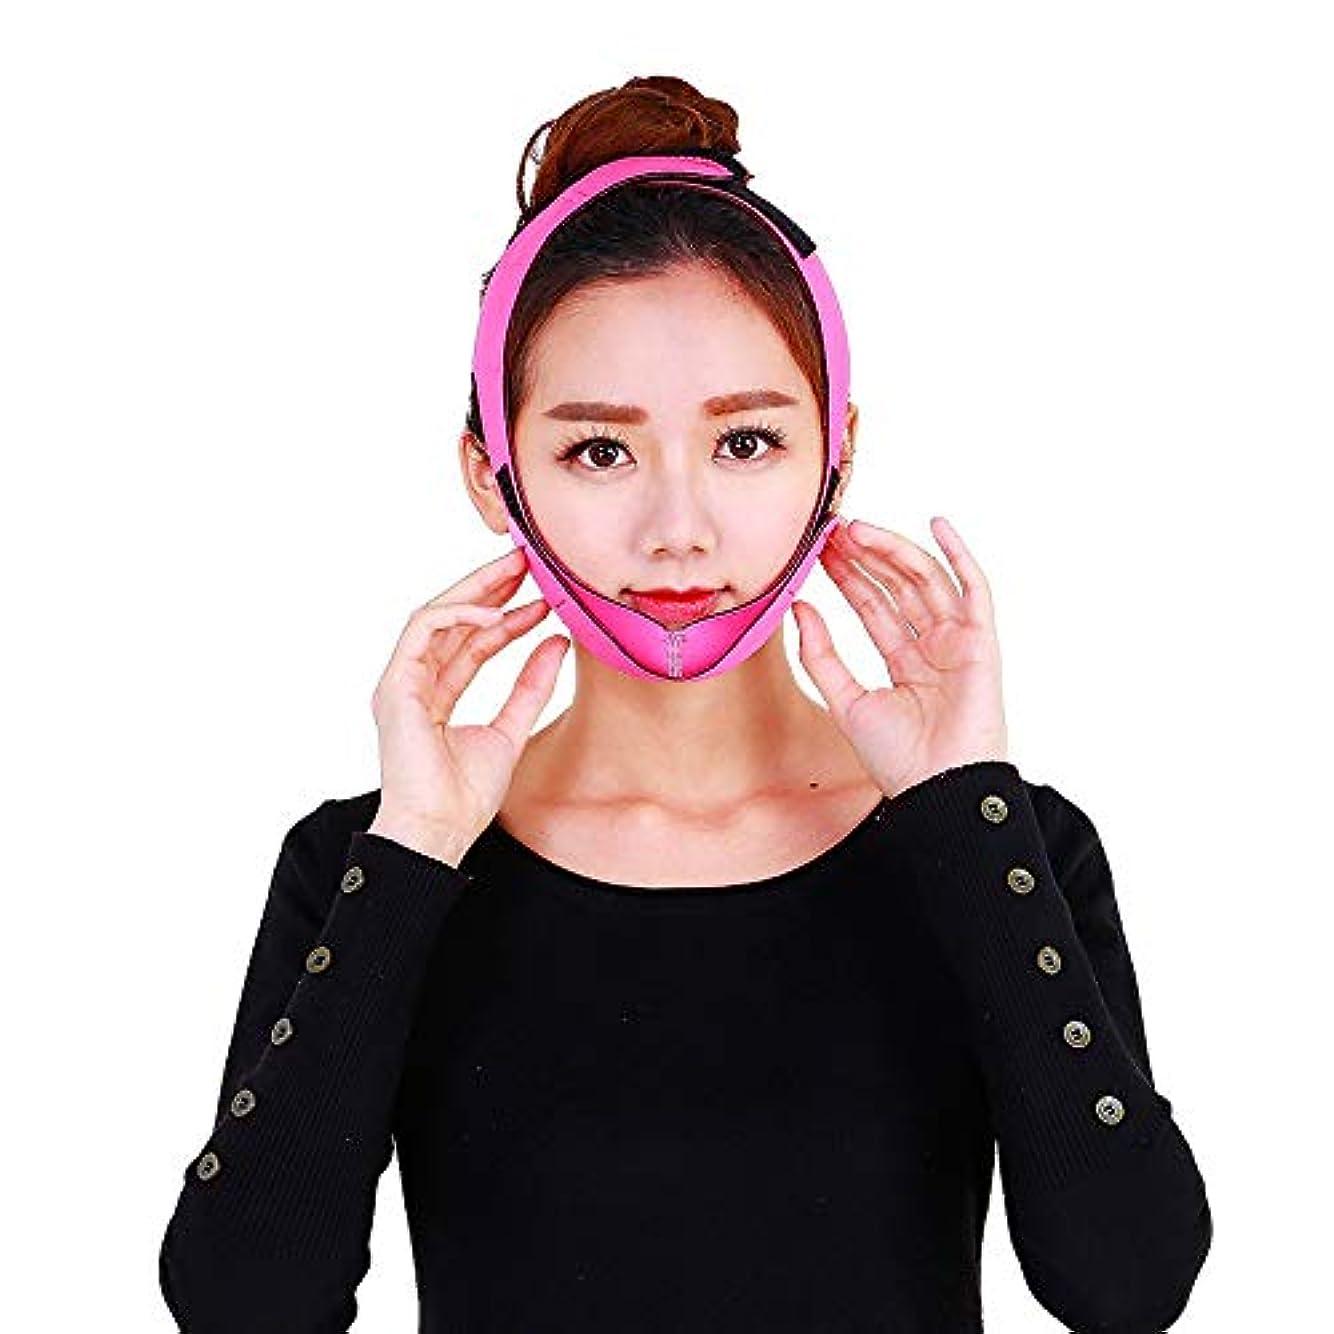 溶かす分類する療法二重顎ベルト、美容マスク、しっかり持ち上げ、顔を持ち上げる包帯、V字形の人工物